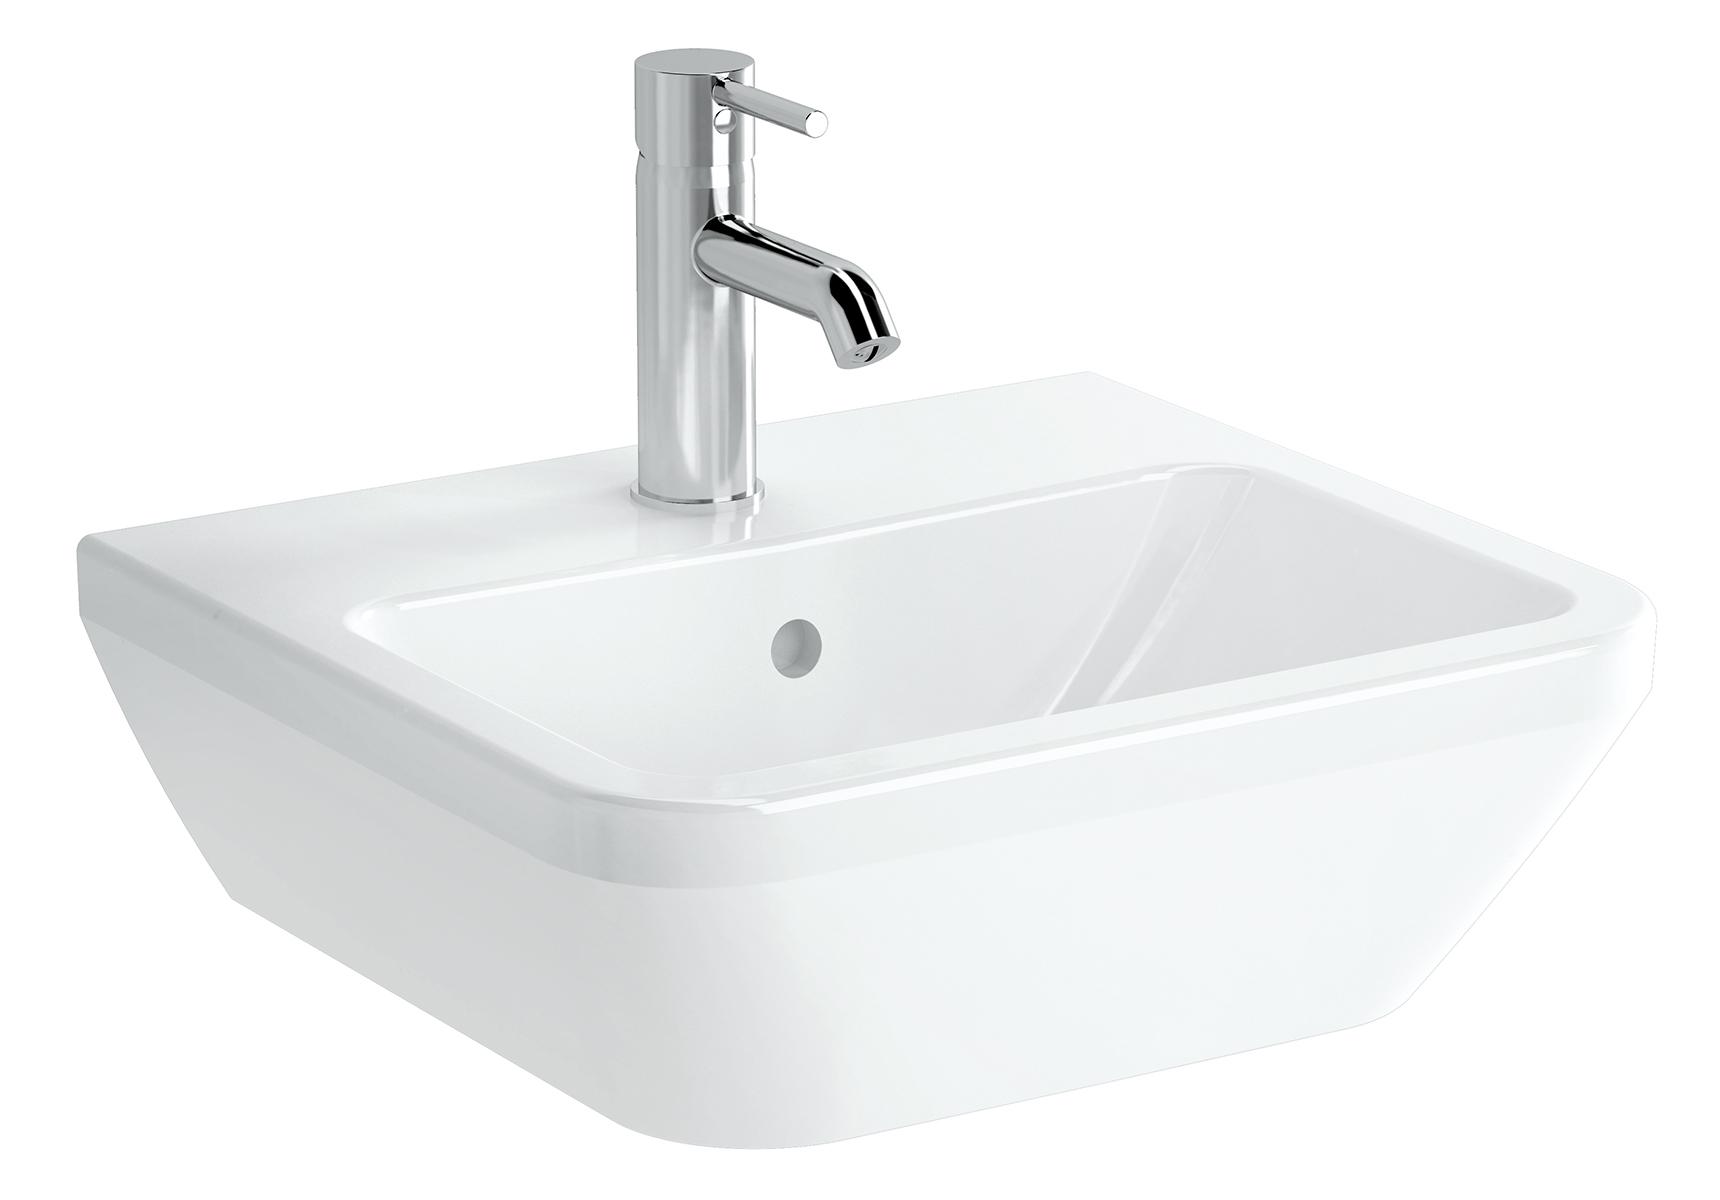 Integra lavabo carré, 45 cm, sans trou de robinet, sans trop-plein